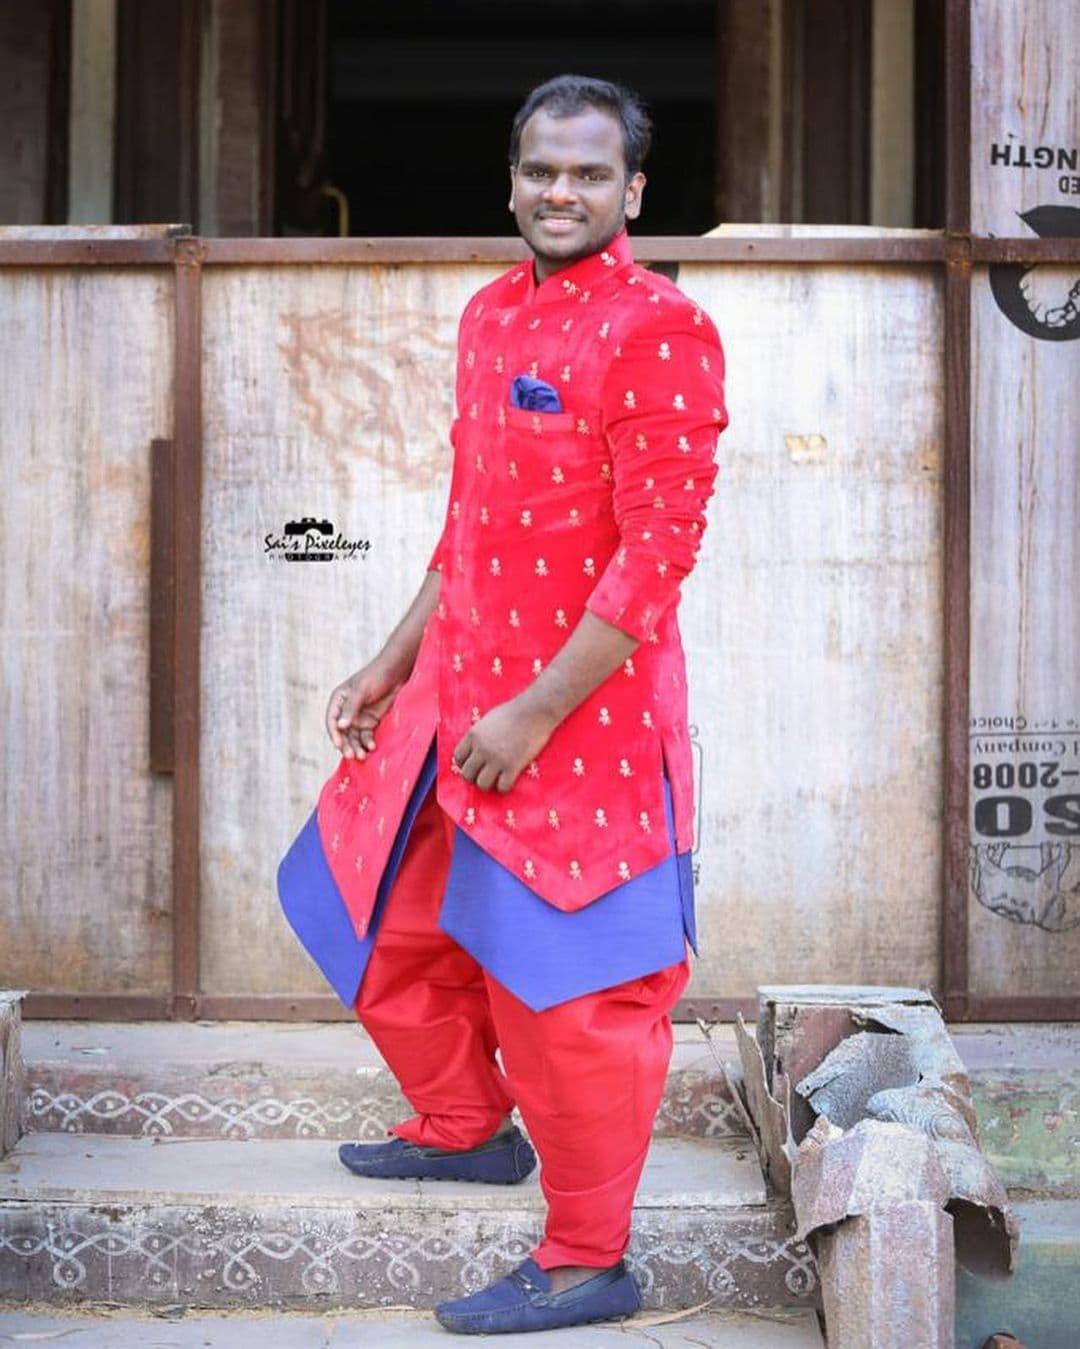 జబర్దస్త్ ఇమ్మాన్యుయెల్. ప్రస్తుతం ఈ పేరు ఫుల్ పాపులర్. సోషల్ మీడియా ట్రెండింగ్. అతడు చేసే స్కిట్స్ రేటింగ్స్ రాకెట్లా దూసుకెళ్తున్నాయి. యూట్యూబ్లో కూడా వ్యూస్ లక్షల్లో ఉంటున్నాయి. (Image: Instagram)